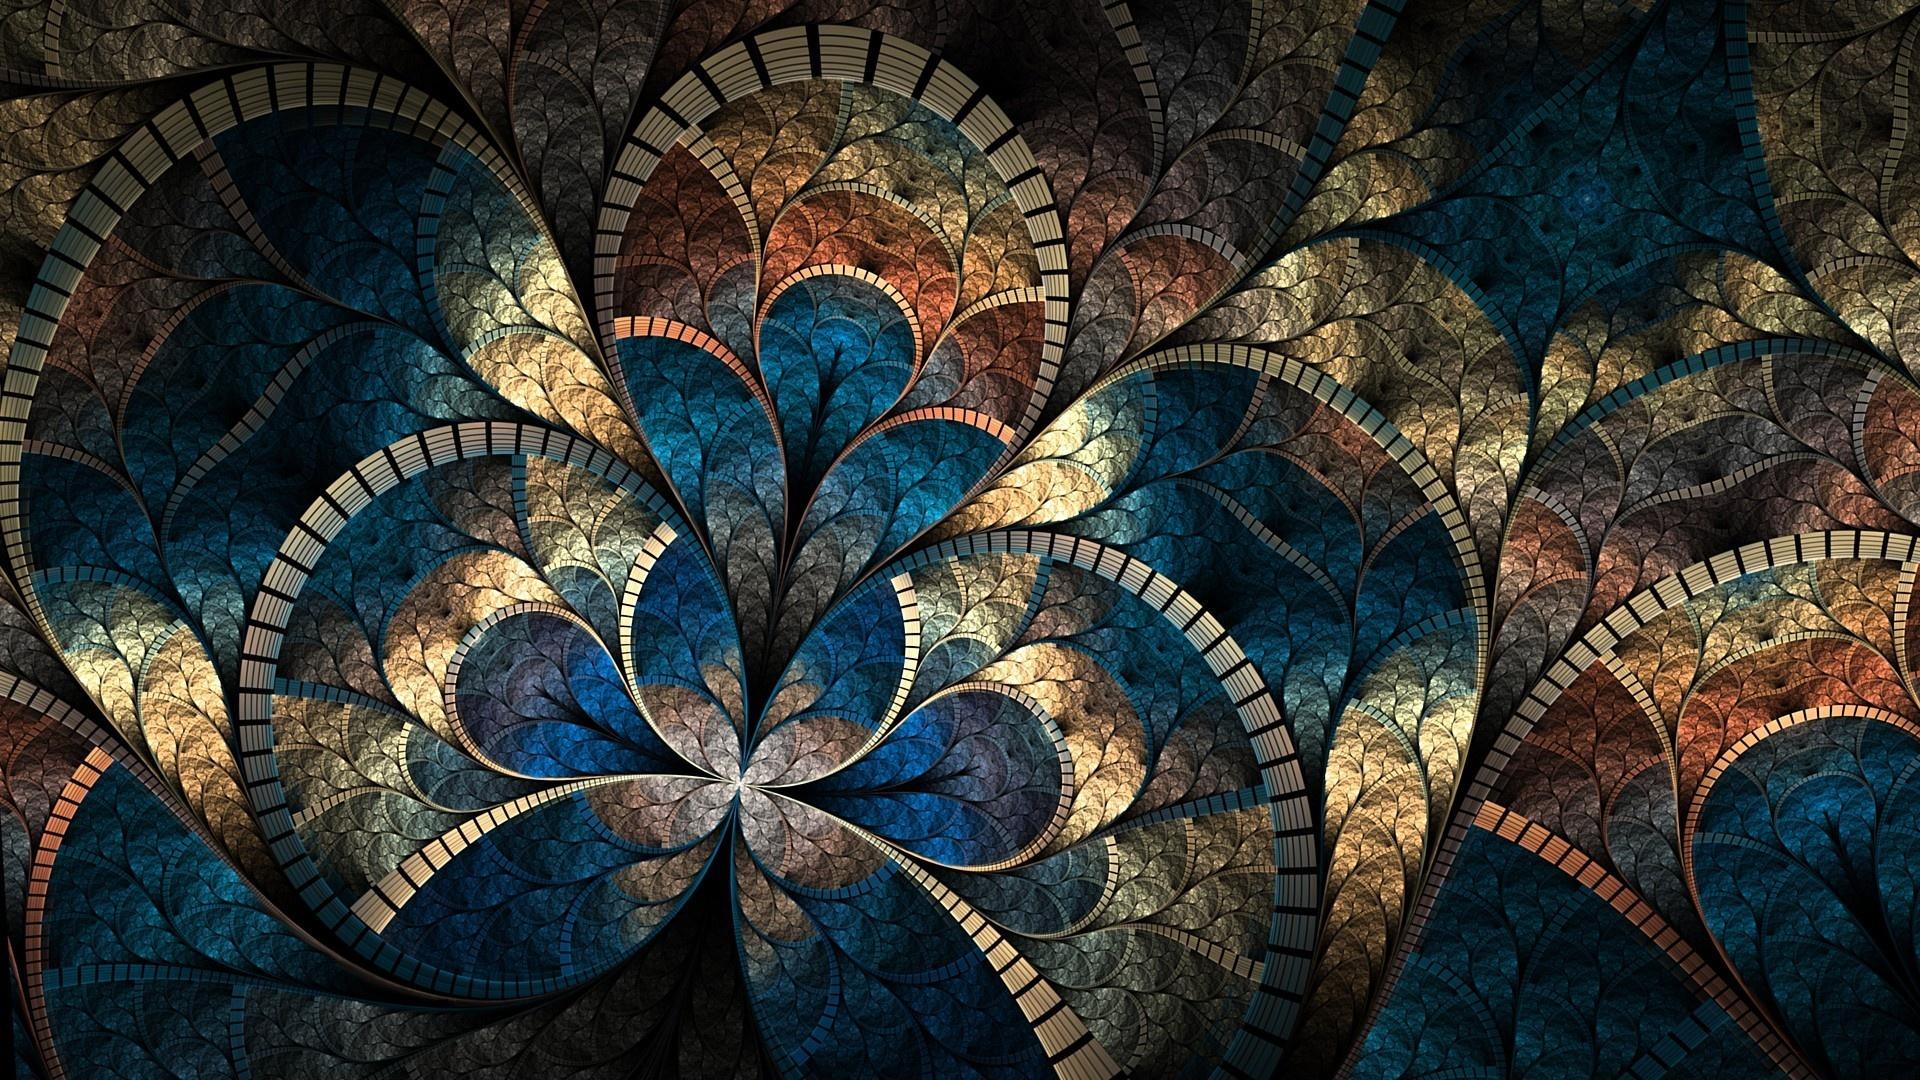 desktop backgrounds art download   WallpaperAsk 1920x1080